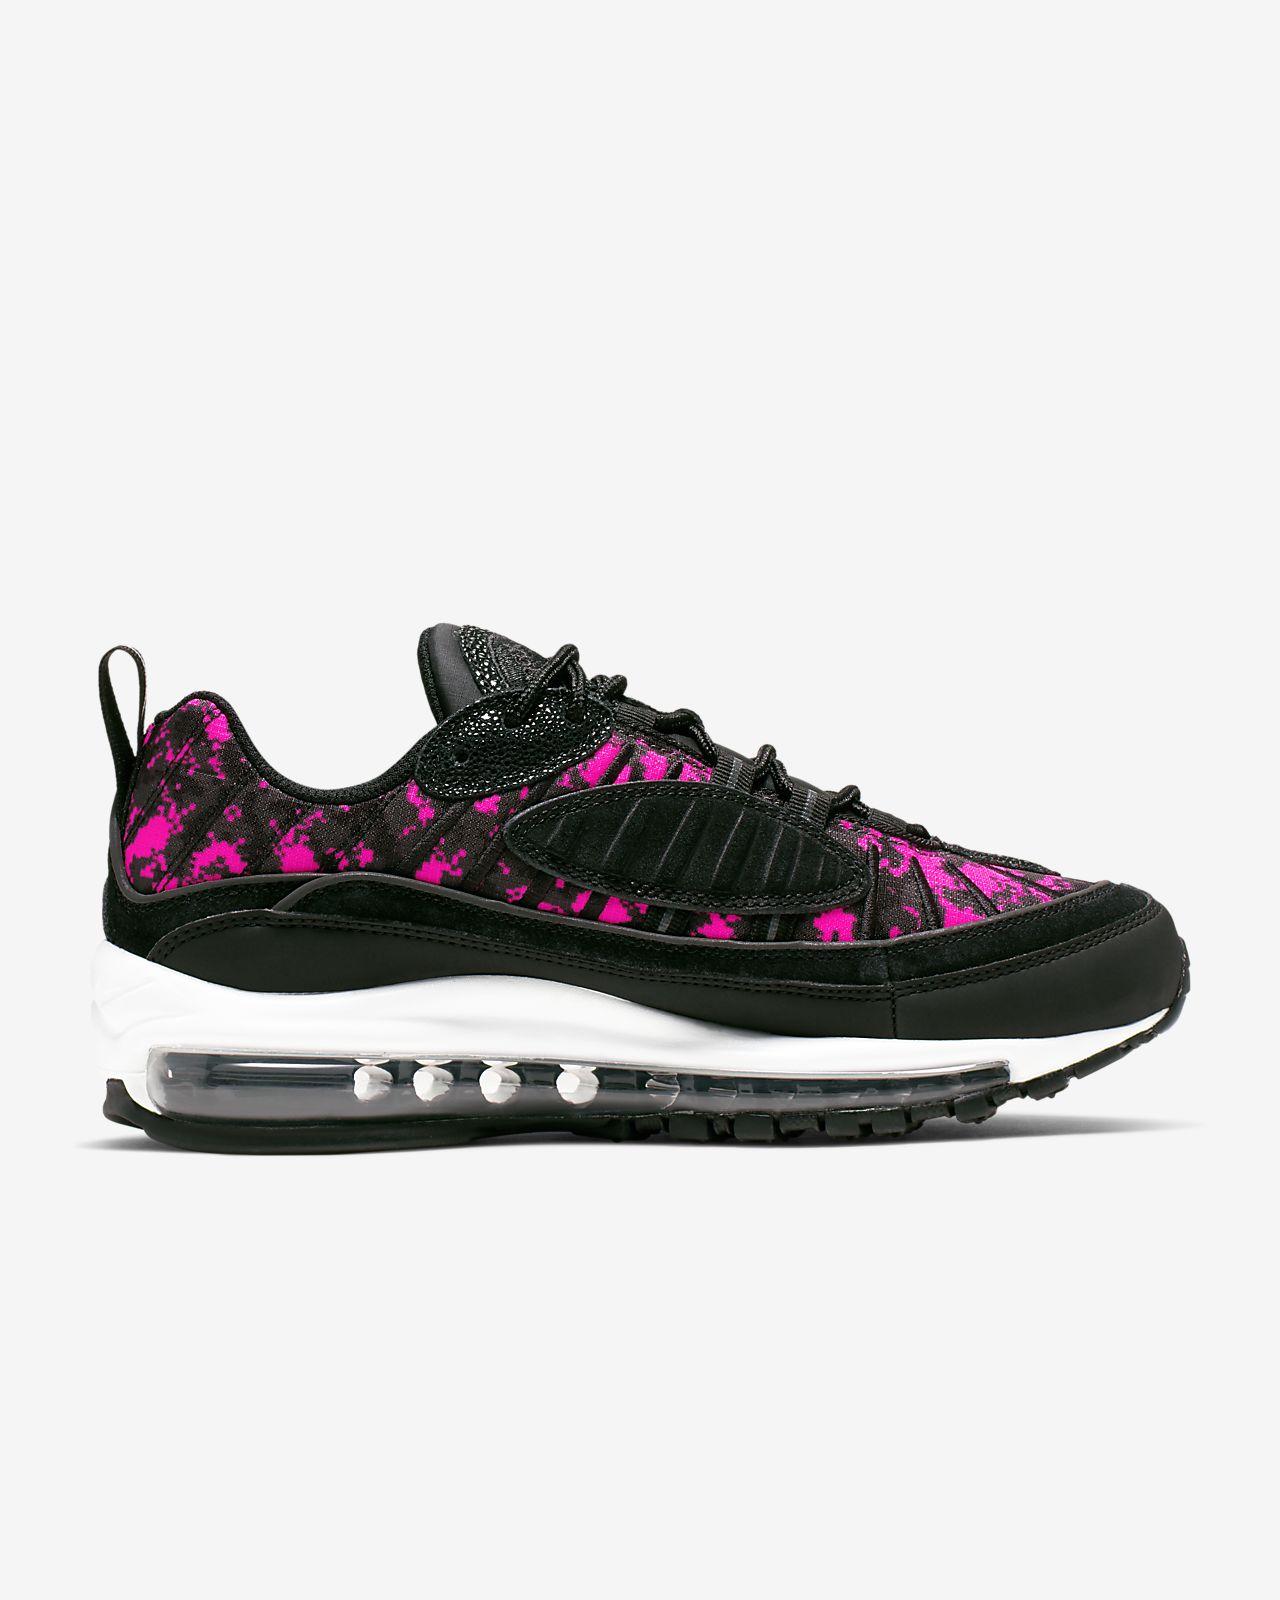 Nike Air Max 98 Premium Camo női cipő